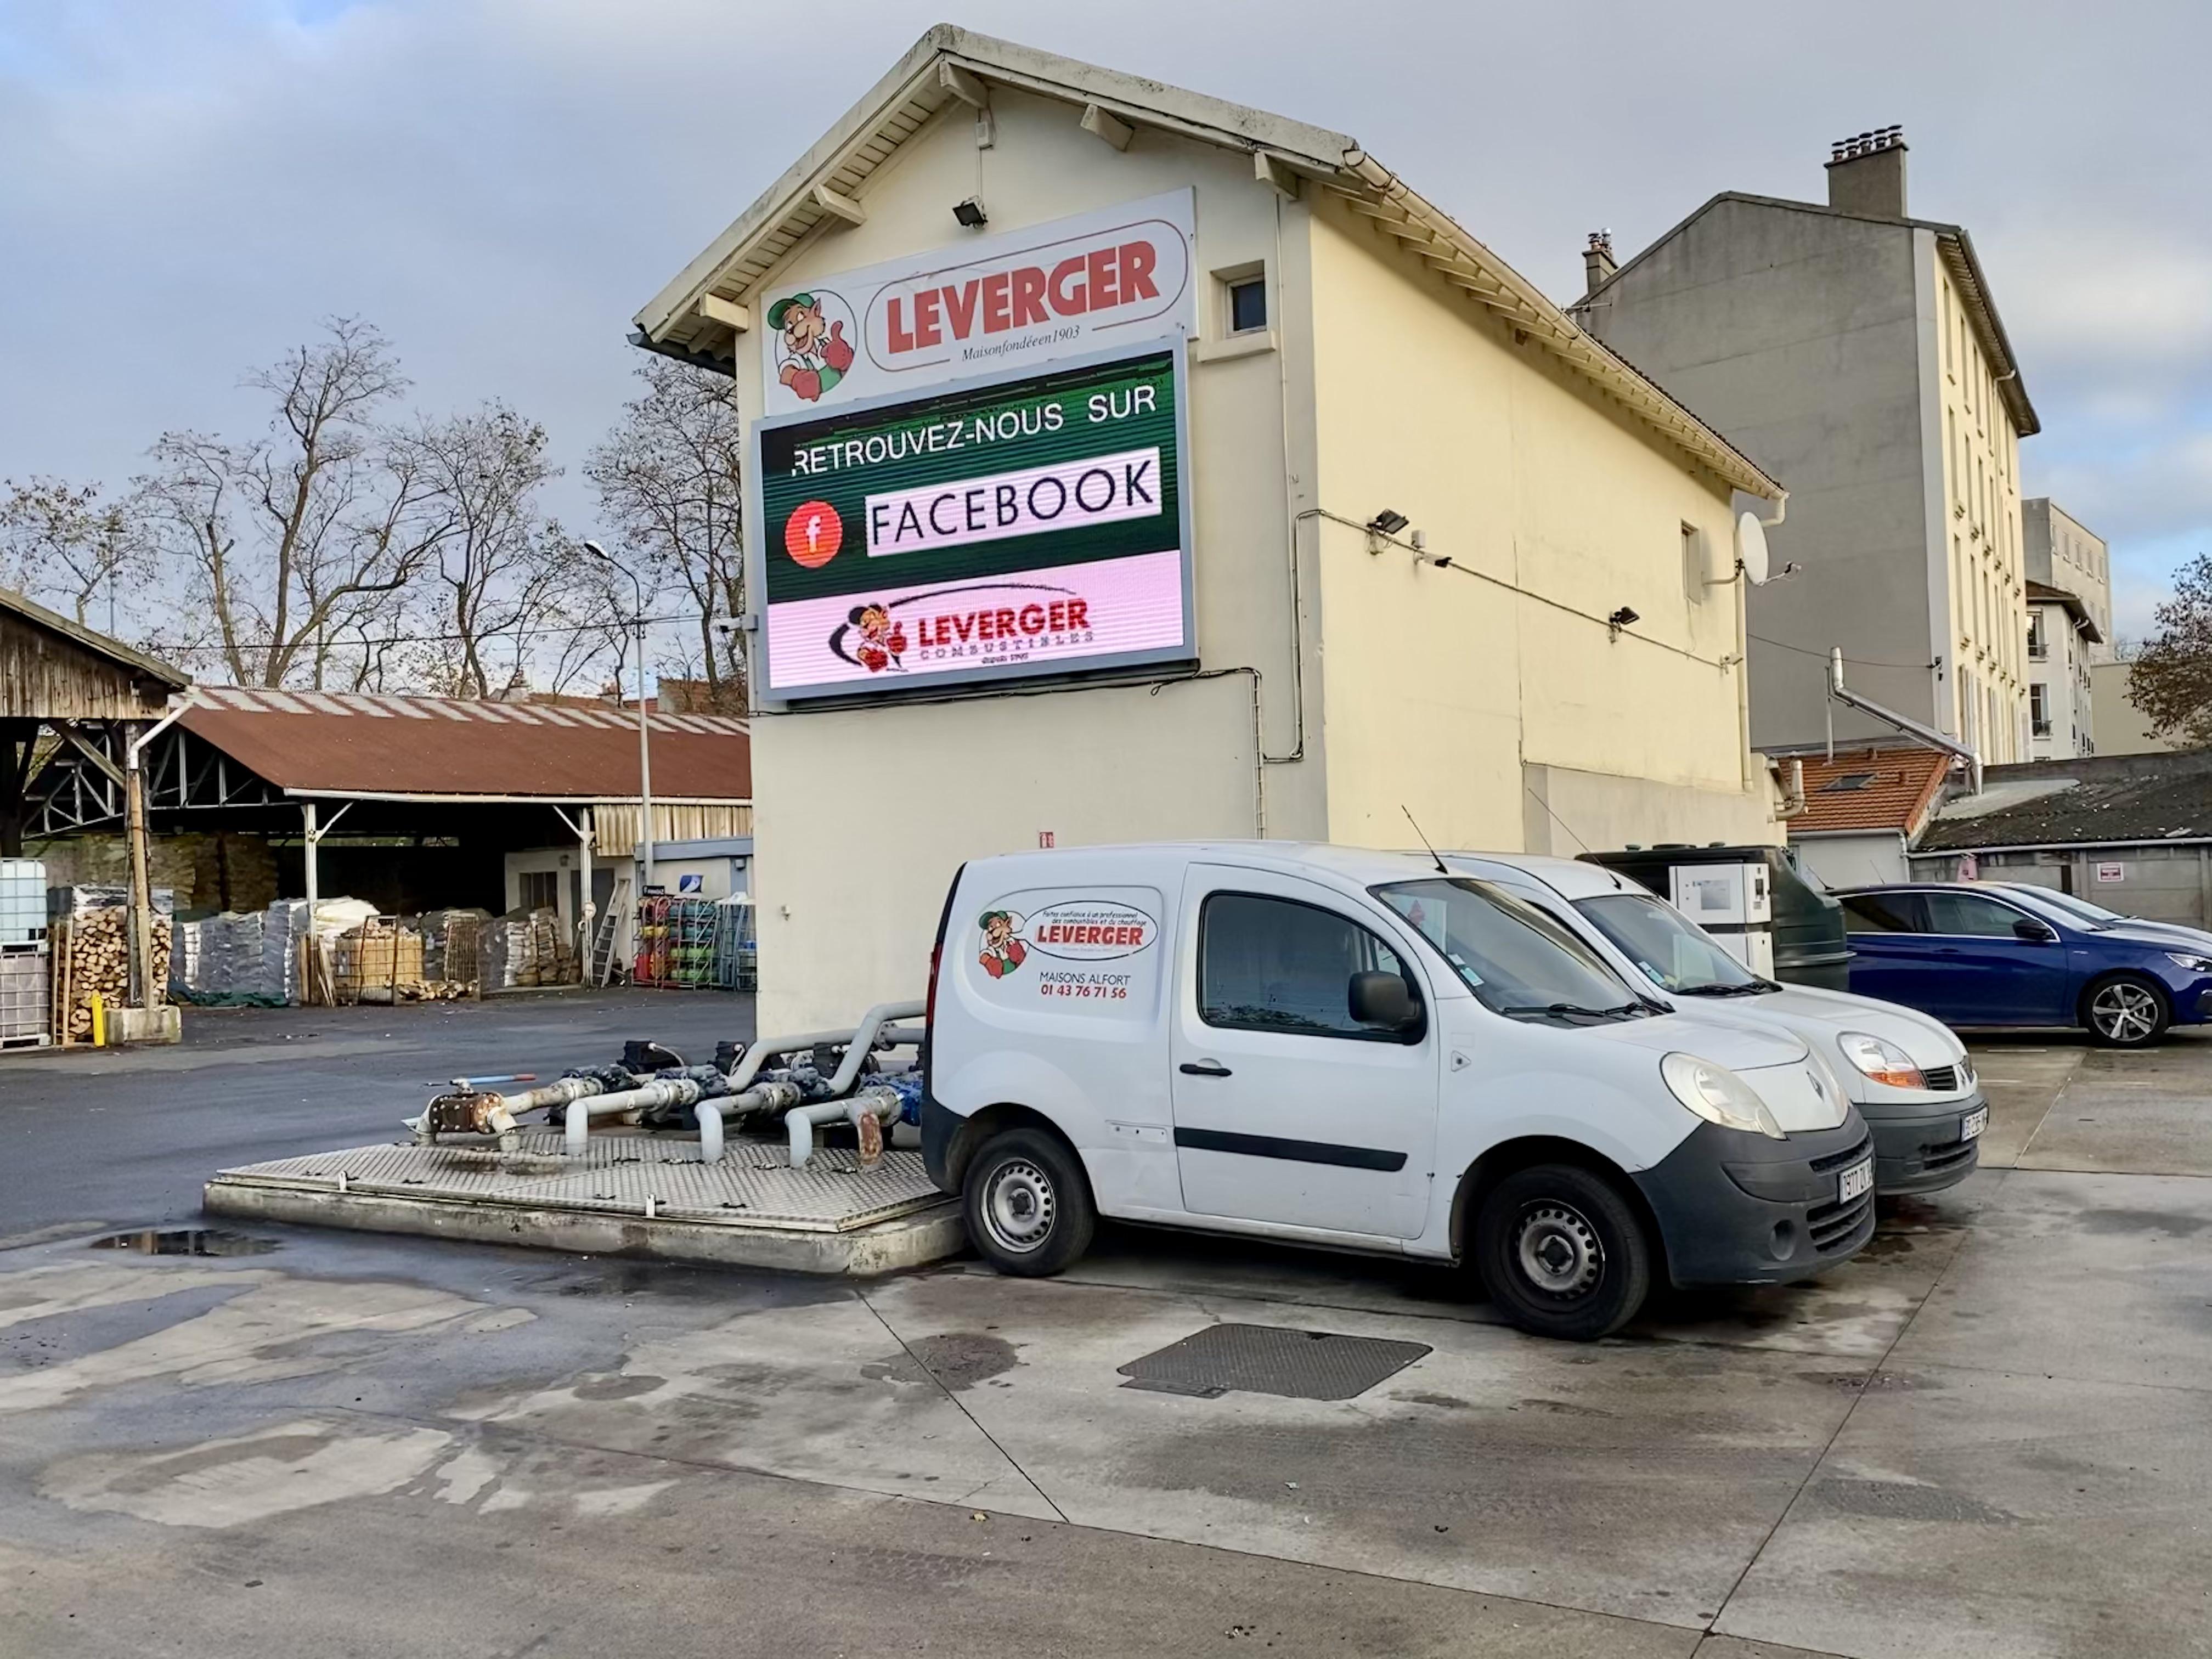 Leverger combustibles avec camion de livraison 75 77 92 93 94 95